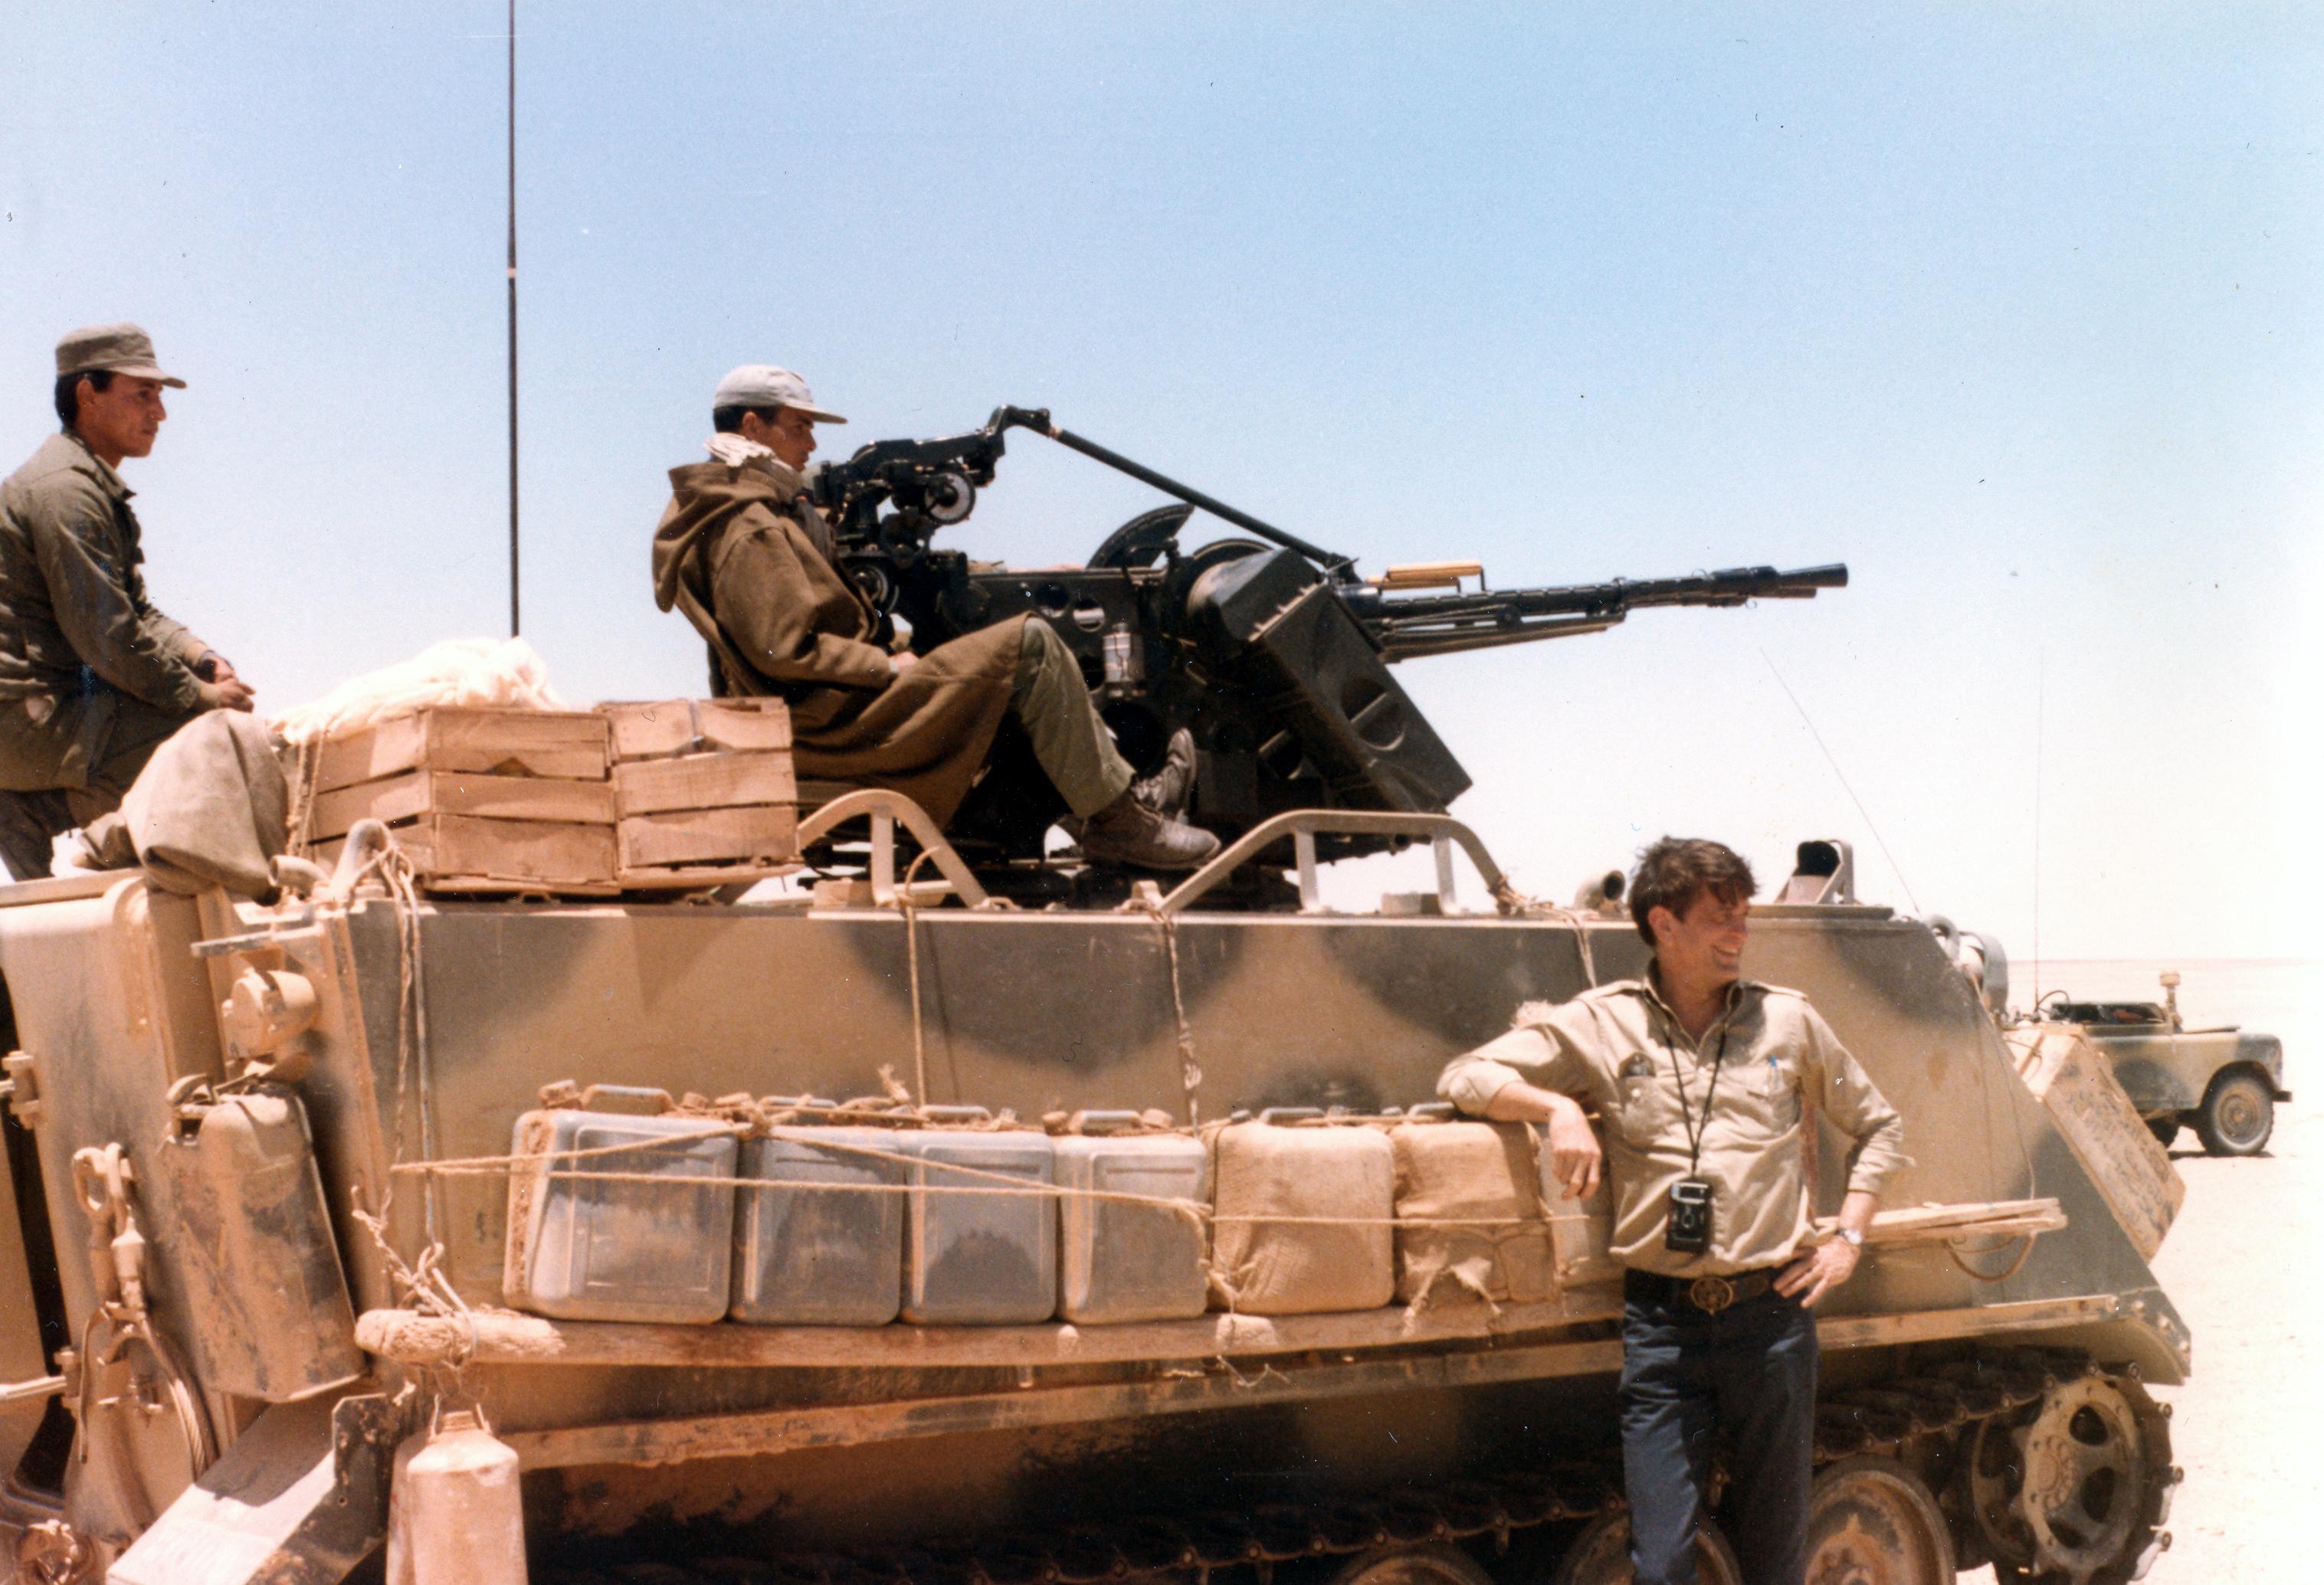 Le conflit armé du sahara marocain - Page 11 32721578757_4c143cd410_o